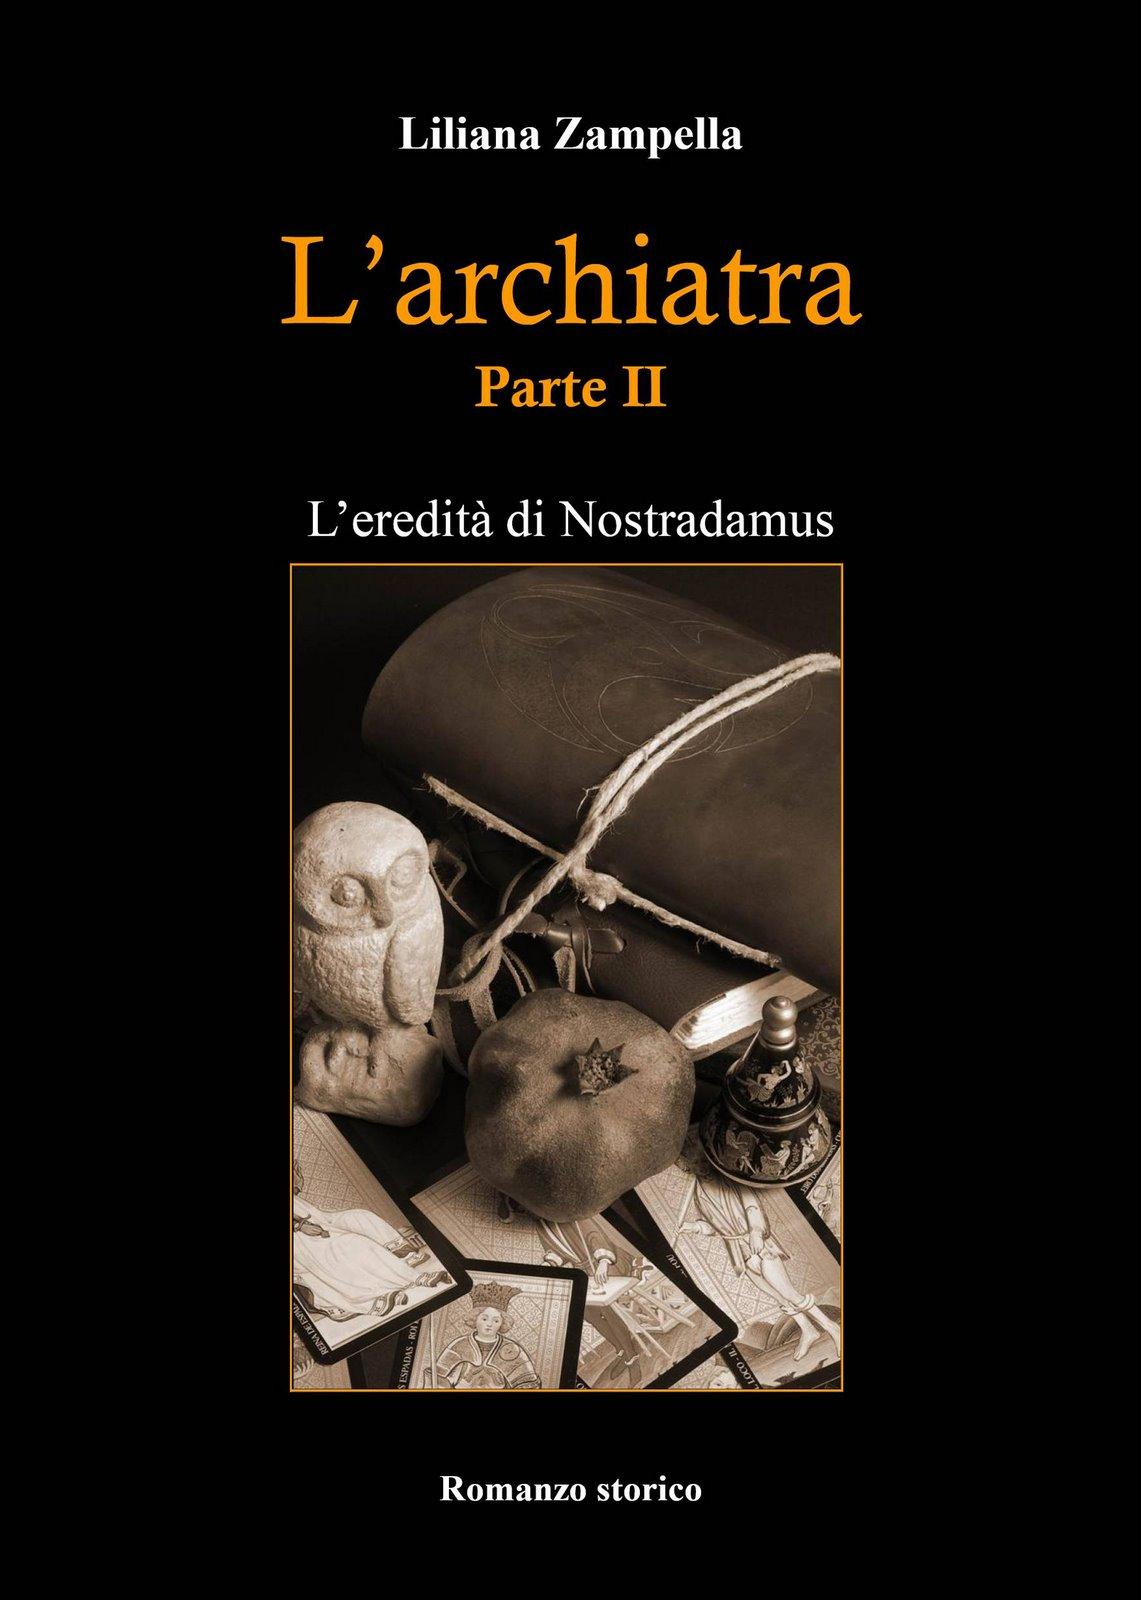 L'Archiatra Vol. II